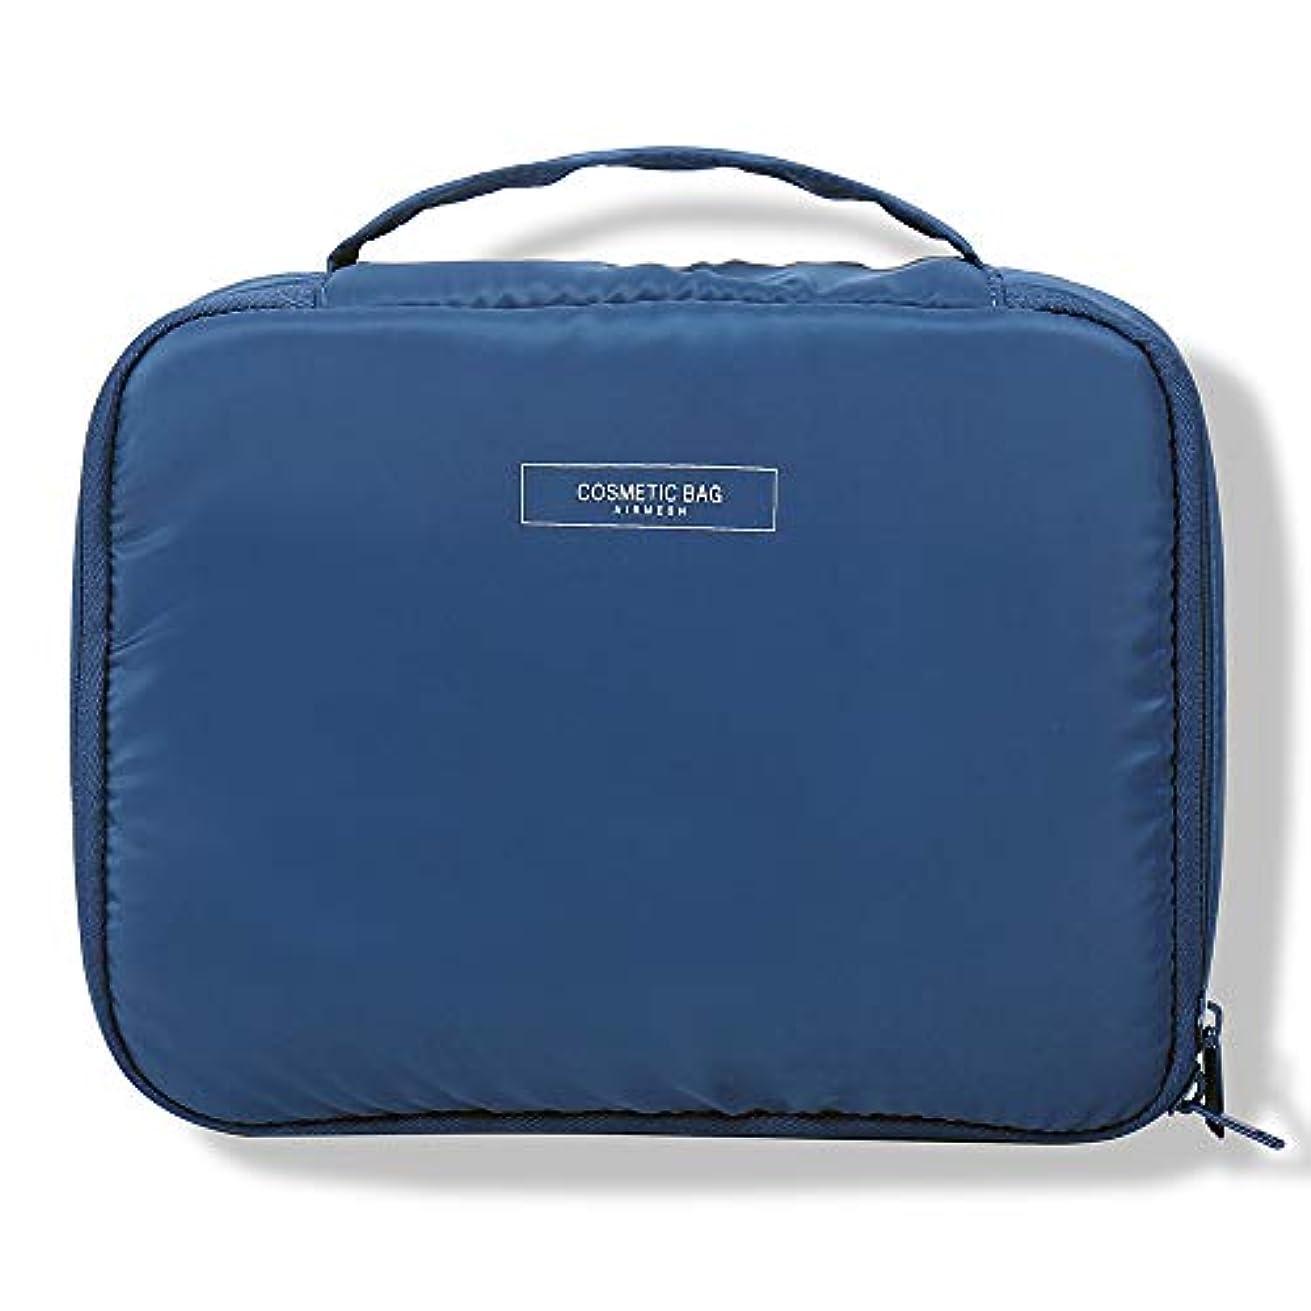 コードアロング大きさメイクボックス 高品質 機能的 大容量 化粧ポーチ メイクブラシバッグ 収納ケース スーツケース?トラベルバッグ 化粧 バッグ メイクブラシ 化粧道具 小物入れ 旅行 ネビー